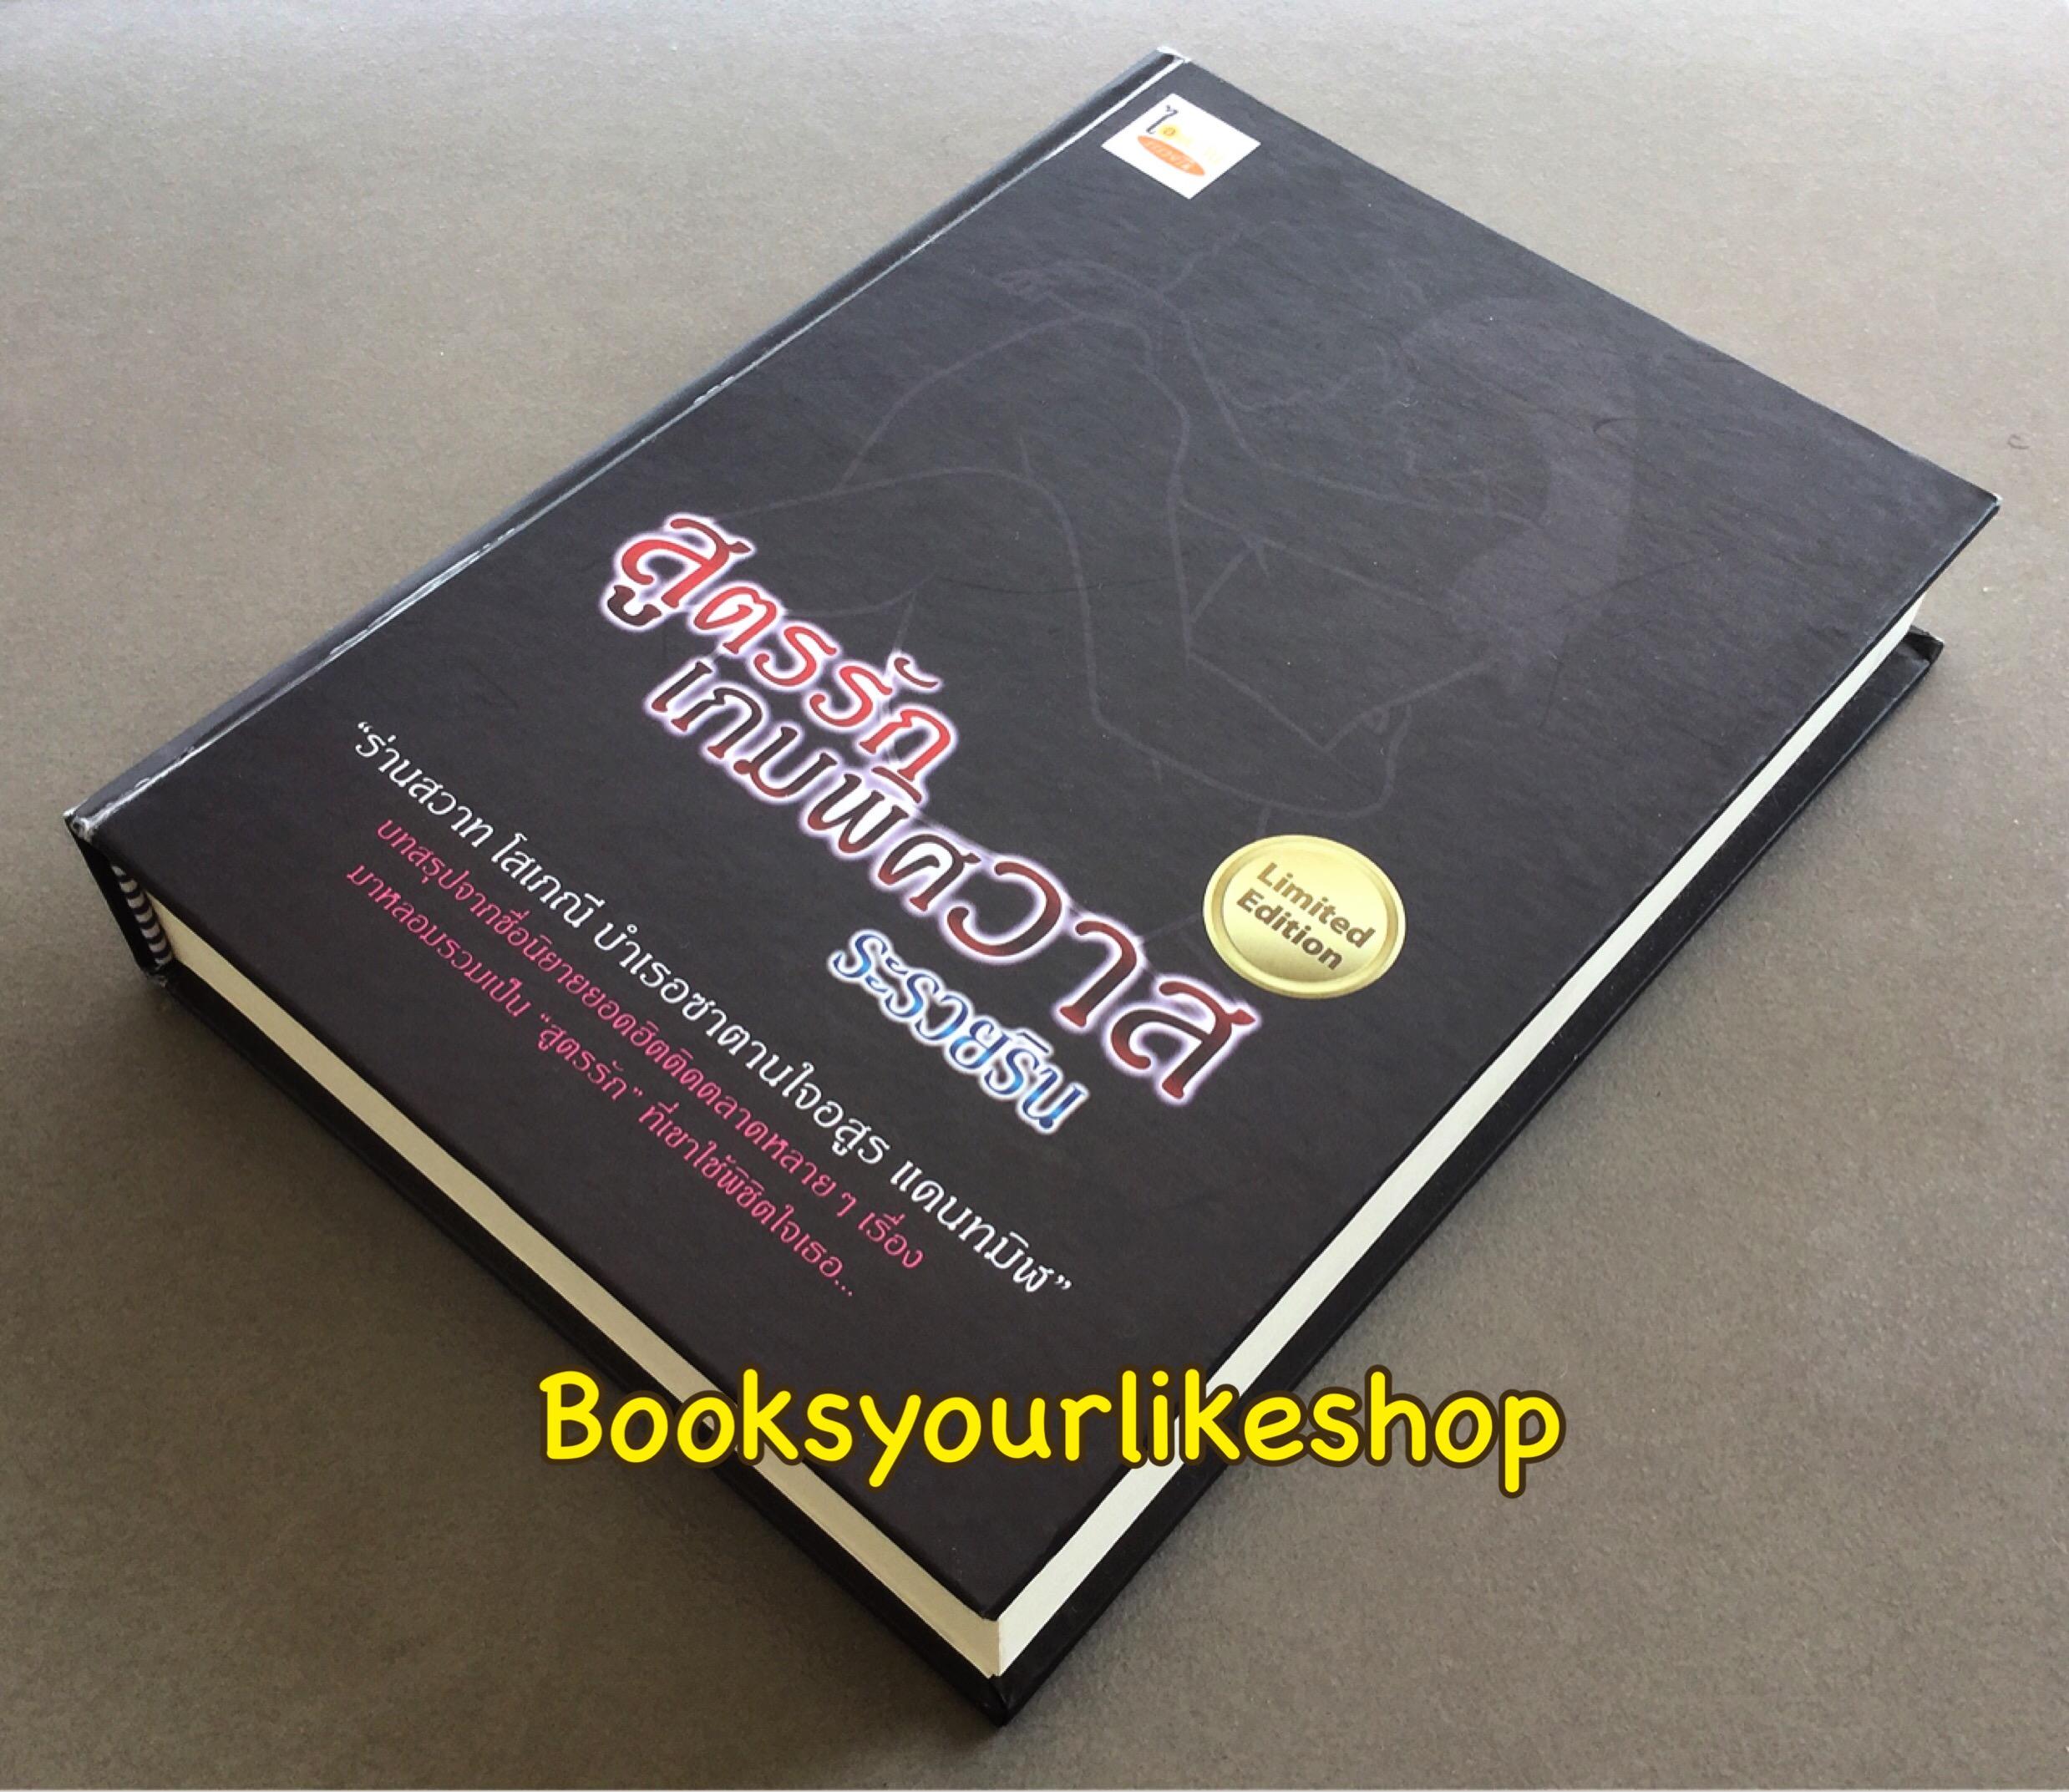 สูตรรักเกมพิศวาส ปกแข็ง Limited Edition / ไอตะวัน-ระรวยริน หนังสือใหม่ [ เดวิด & พิมพ์ผกา ]